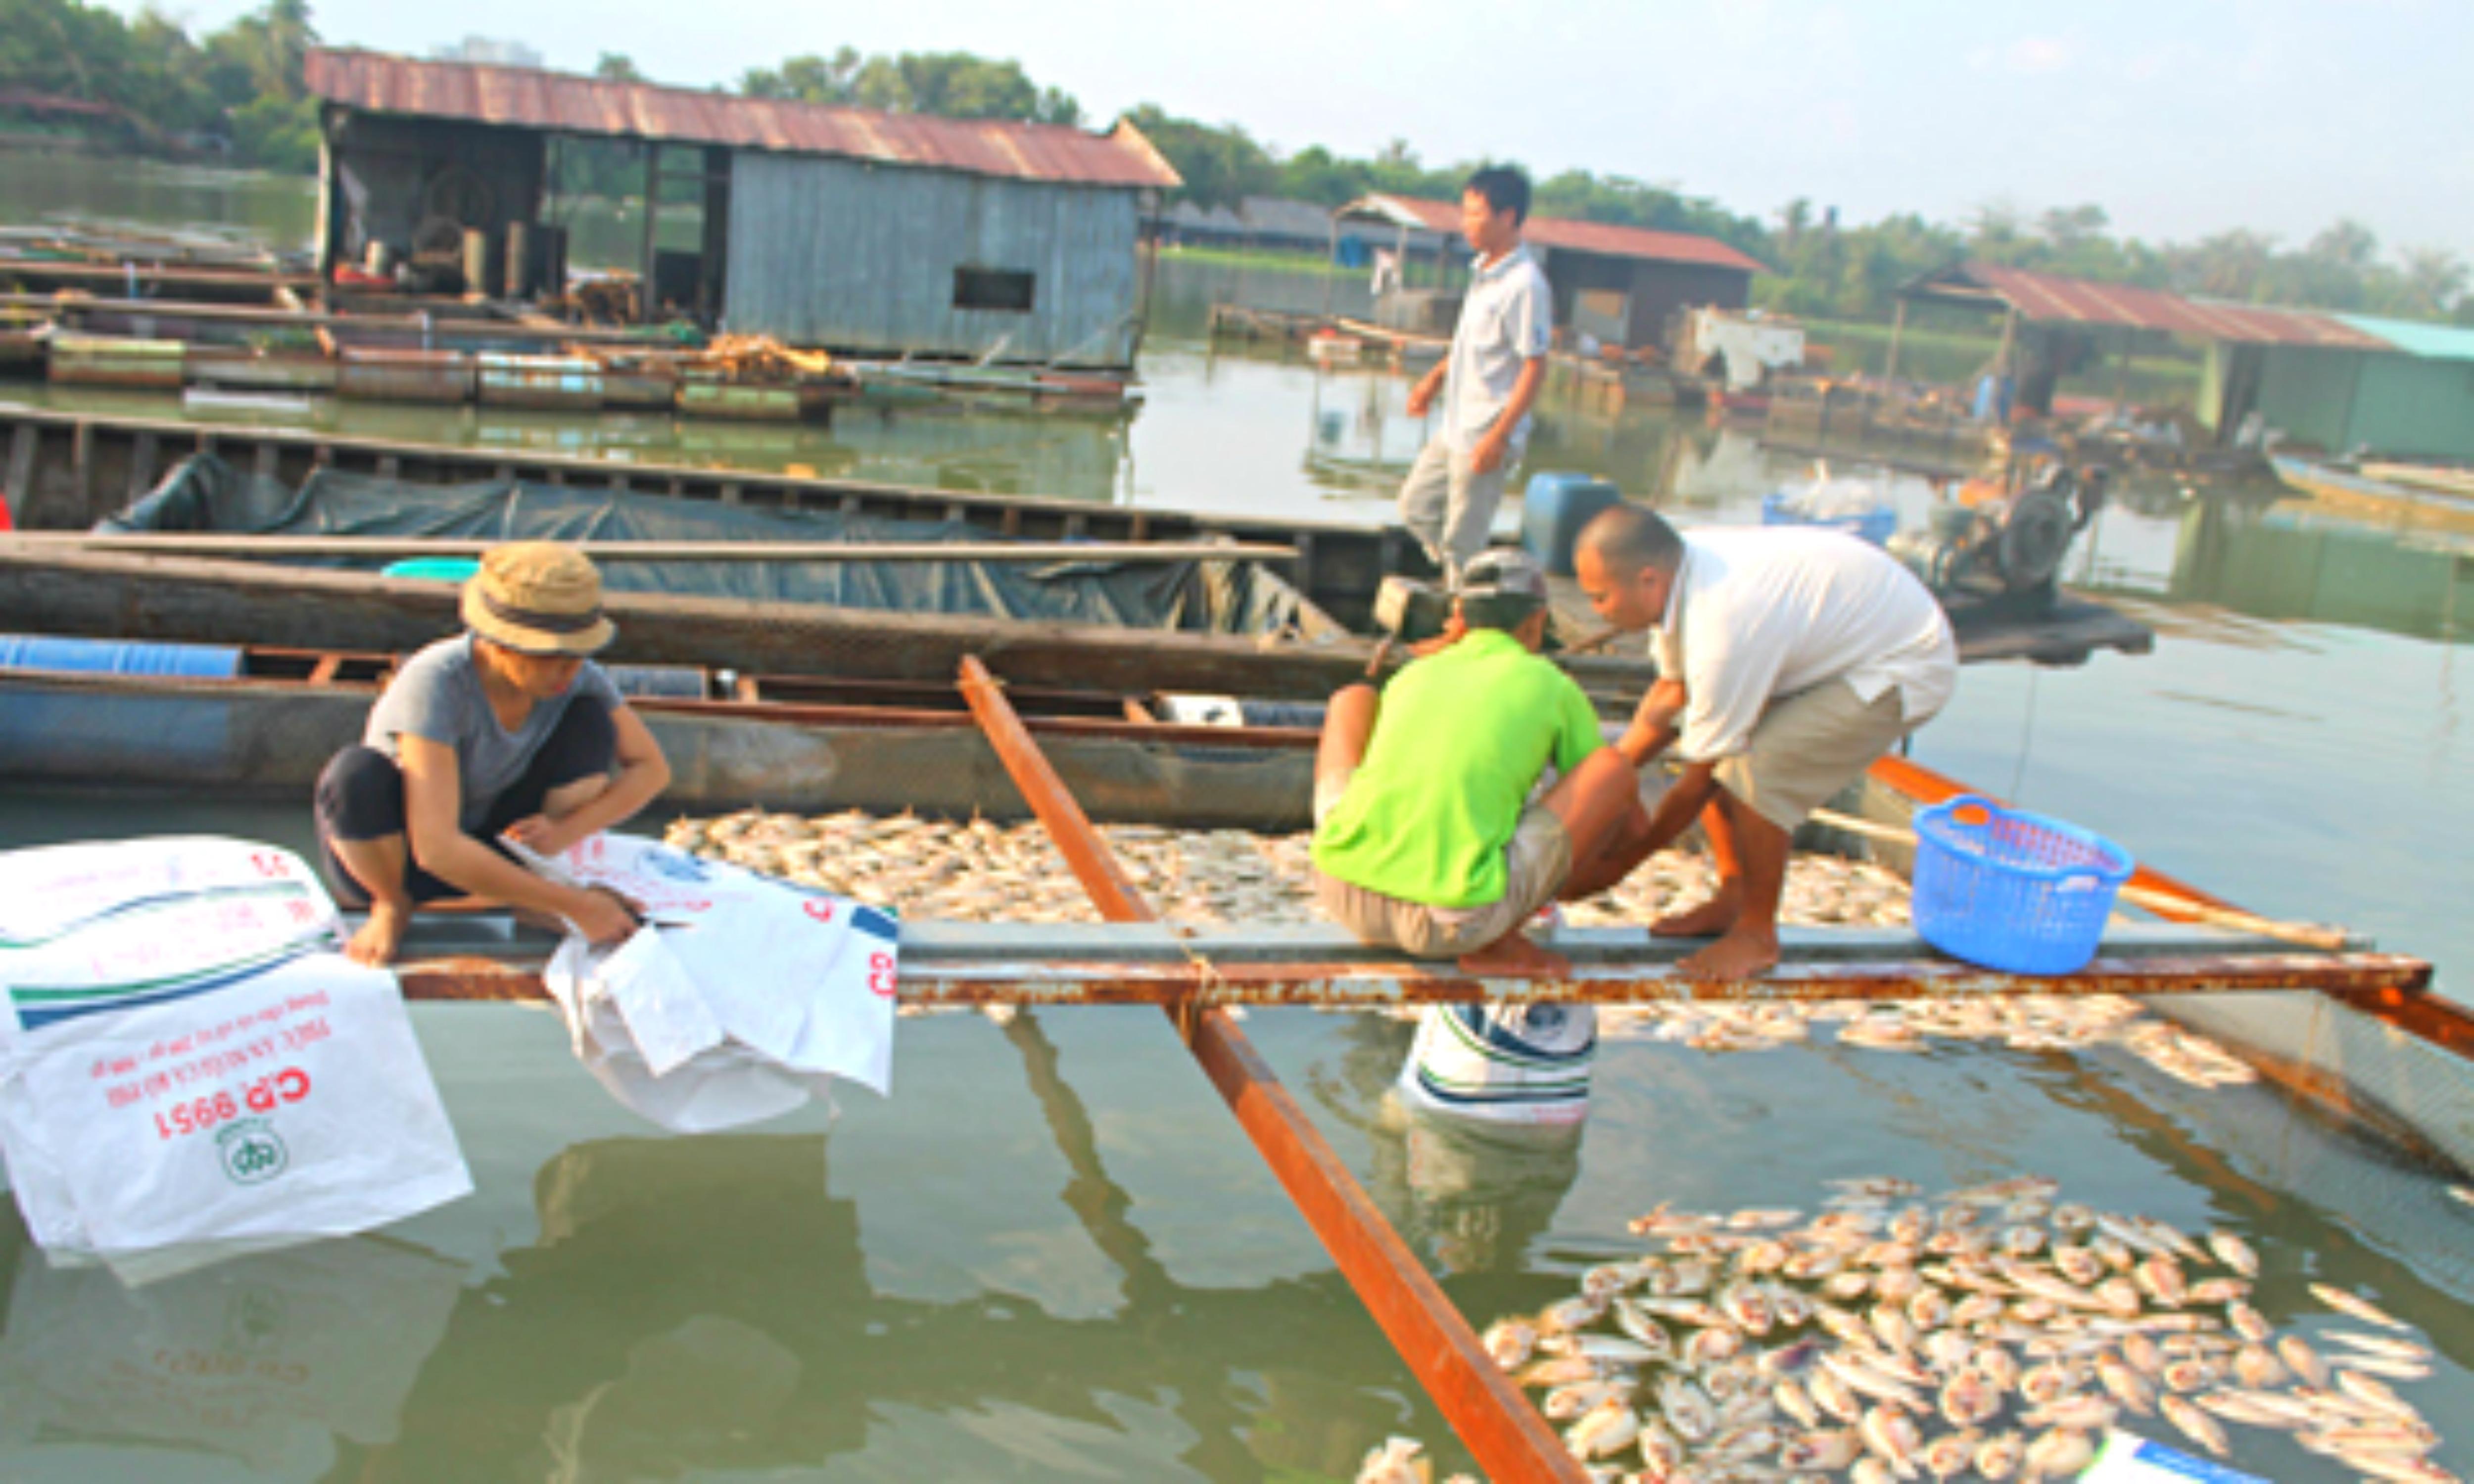 Nguyên nhân cá chết hàng loạt ở Đồng Nai vẫn chưa xác định